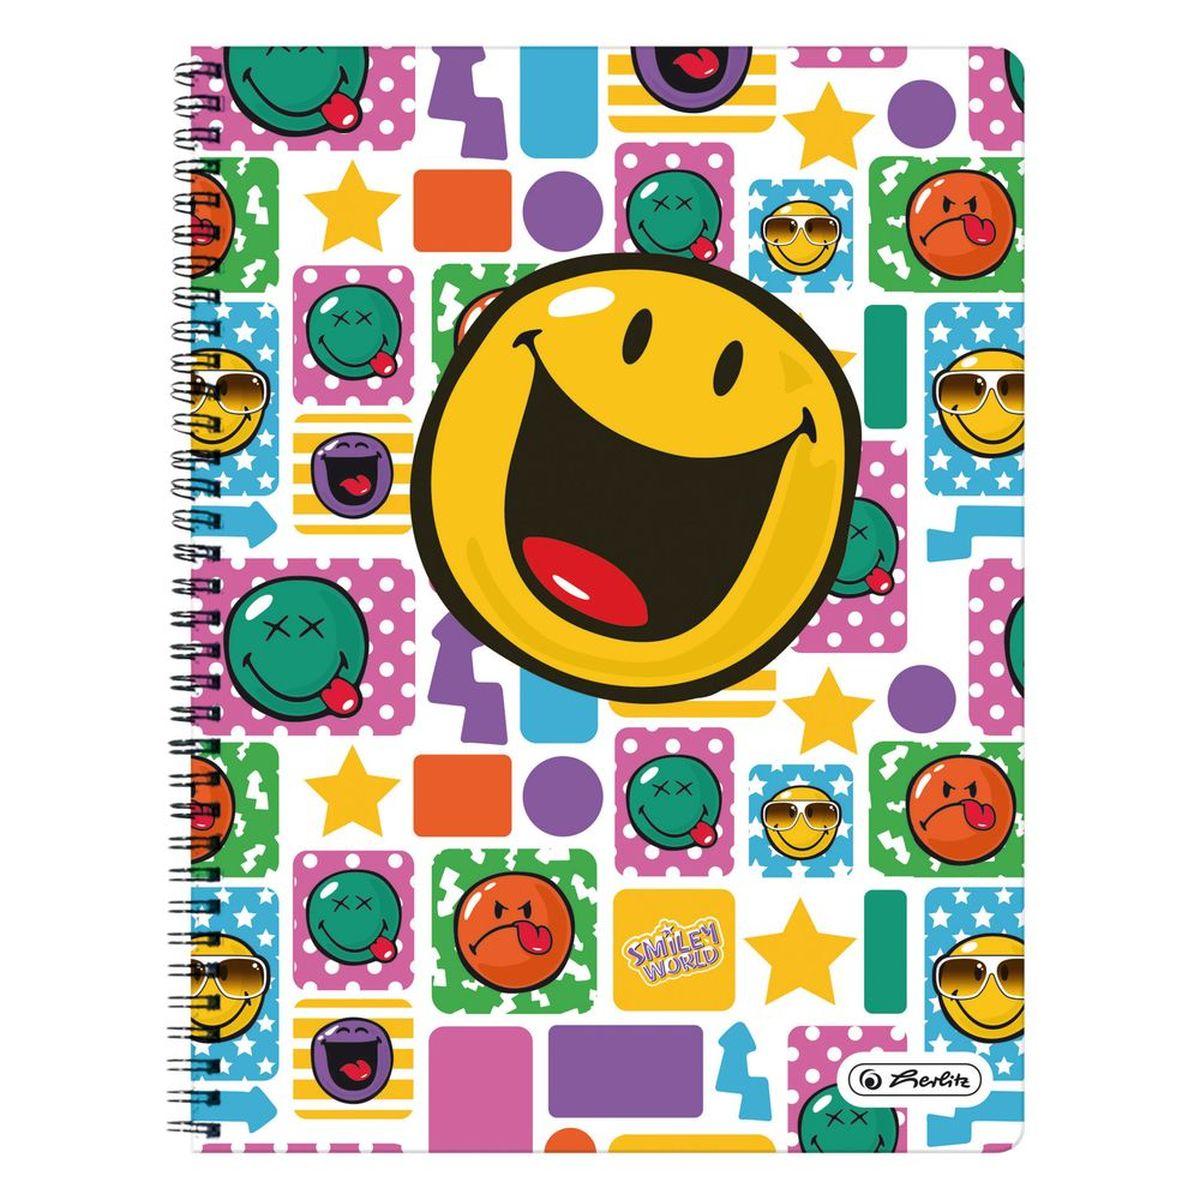 Herlitz Тетрадь Smiley Happy 70 листов в клетку100Ткм5B1сп_13051Удобная тетрадь от Herlitz Smiley Happy - незаменимый атрибут современного человека, необходимый для рабочих или школьных записей.Тетрадь содержит 70 листов формата А4 в клетку с полями. Обложка выполнена из качественного ламинированного картона. Внутренний спиральный блок изготовлен из металла и гарантирует надежное крепление листов. Тетрадь имеет закругленные углы и яркий дизайн, дополненный желтым смайлом.Тетрадь Herlitz Smiley Happy станет достойным аксессуаром среди ваших канцелярских принадлежностей. Это отличный подарок как коллеге или деловому партнеру, так и близким людям.